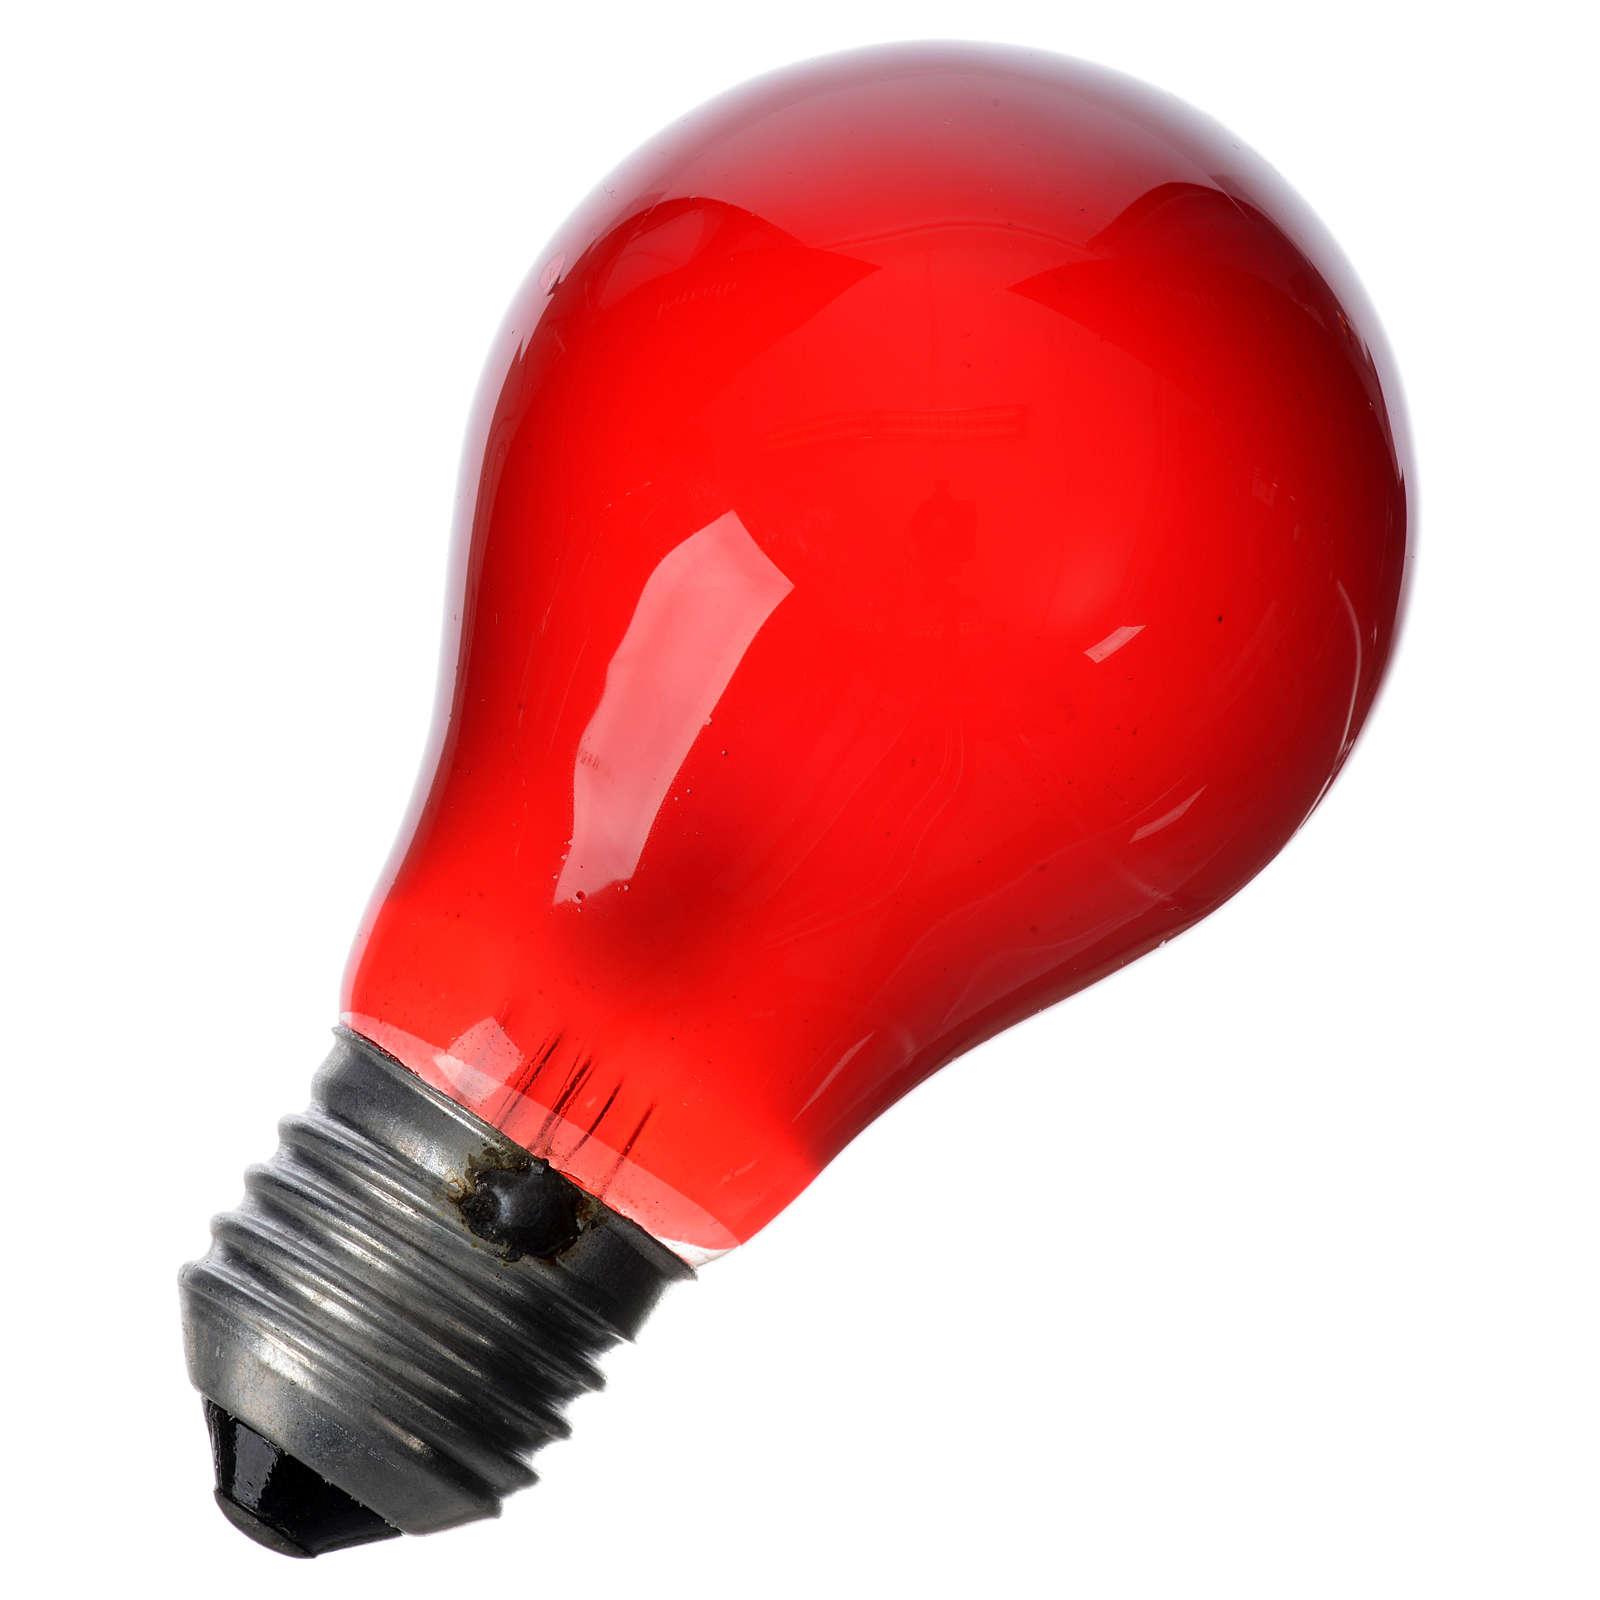 Ampoule 40W E27 rouge illumination crèche noël 4